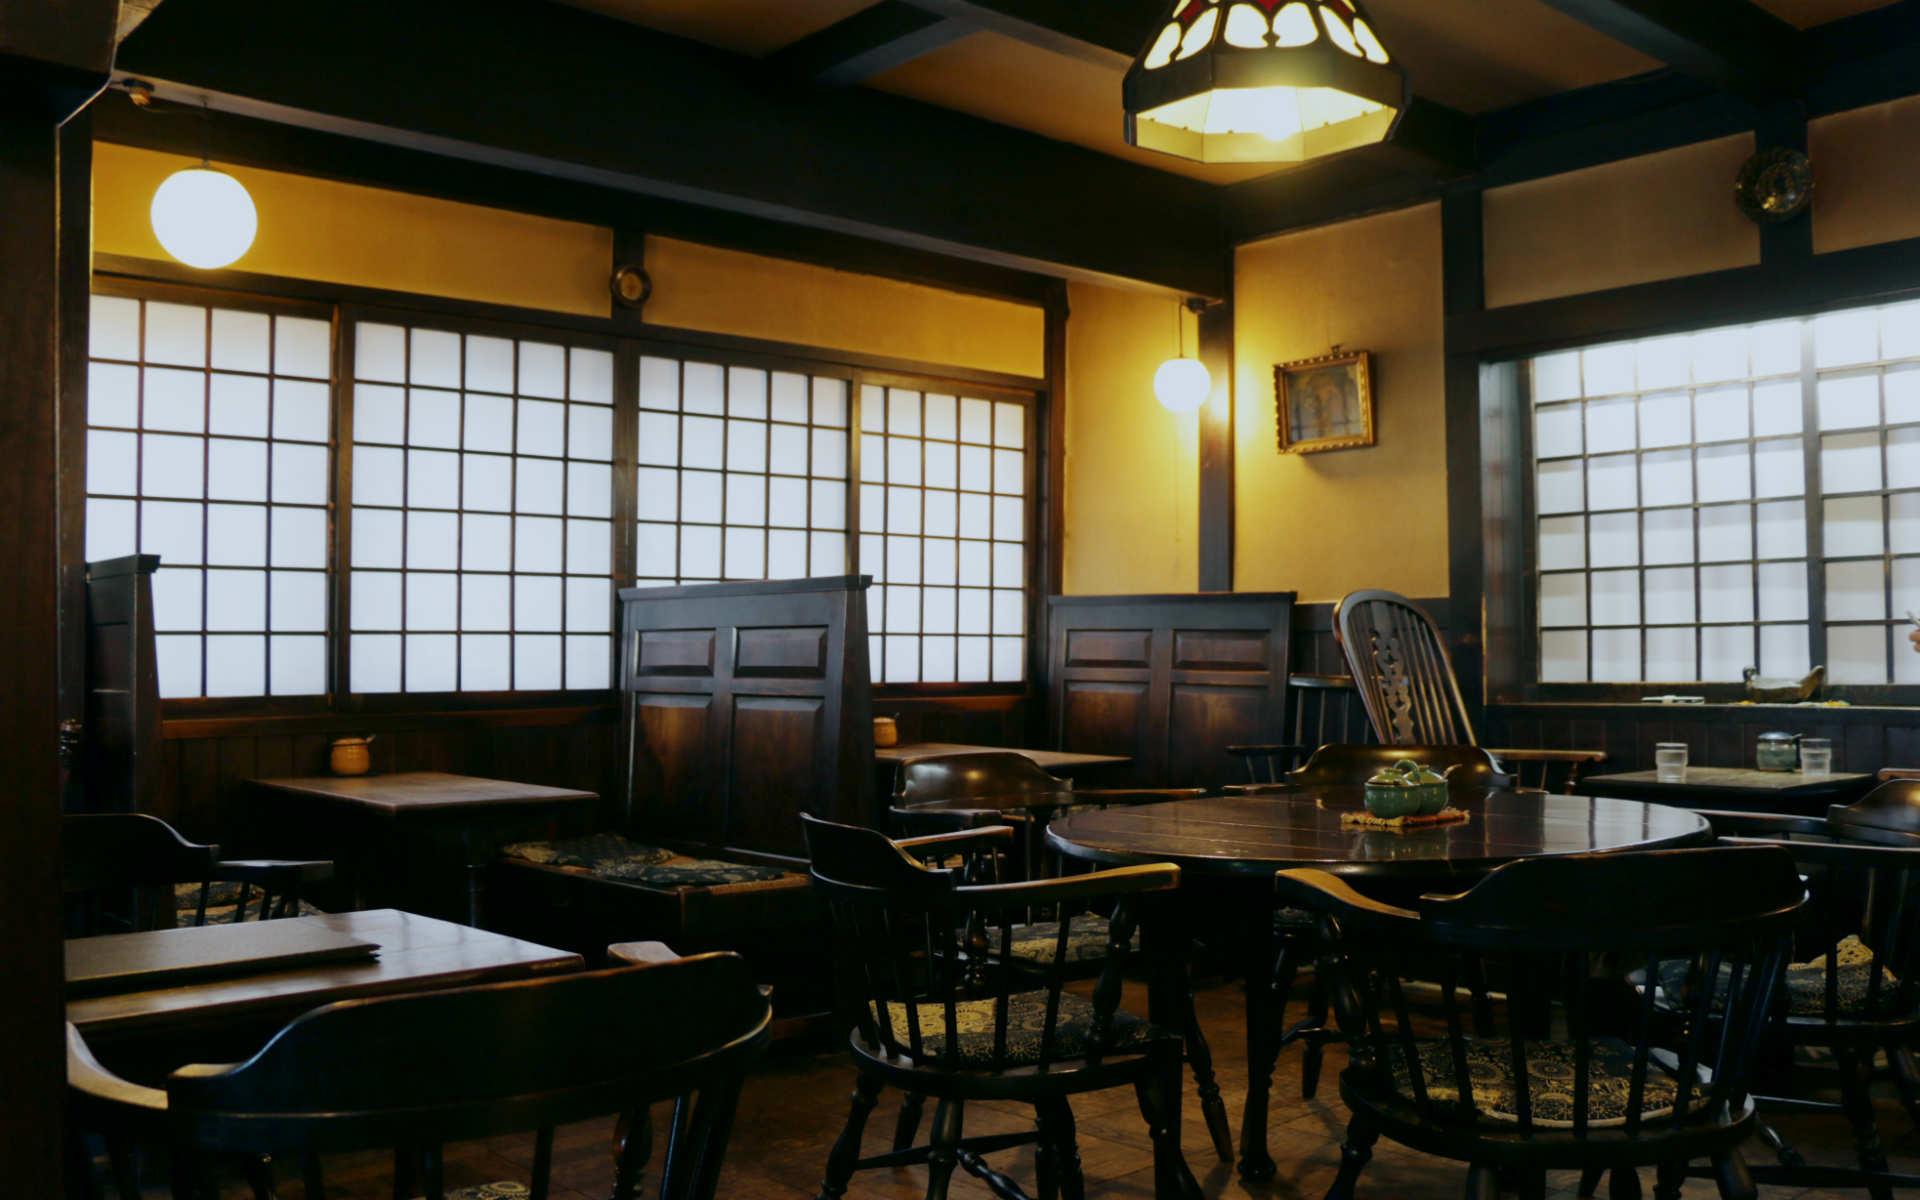 松本の朝は「珈琲まるも」 から。柳宗悦も愛した名物喫茶店へ